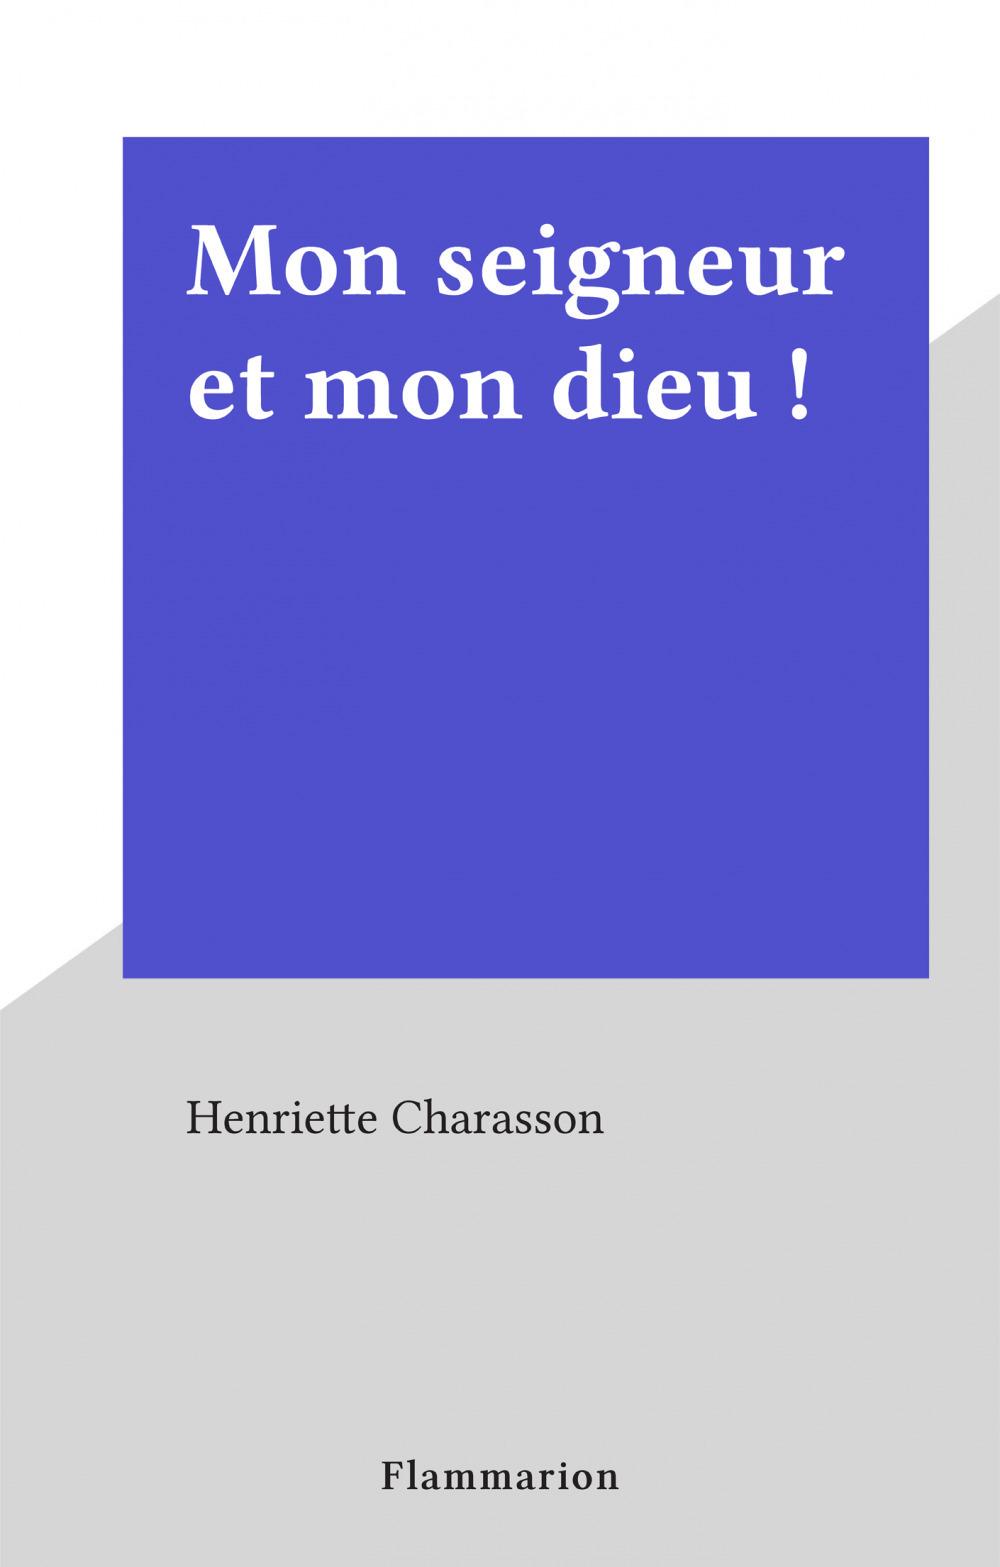 Mon seigneur et mon dieu !  - Henriette Charasson